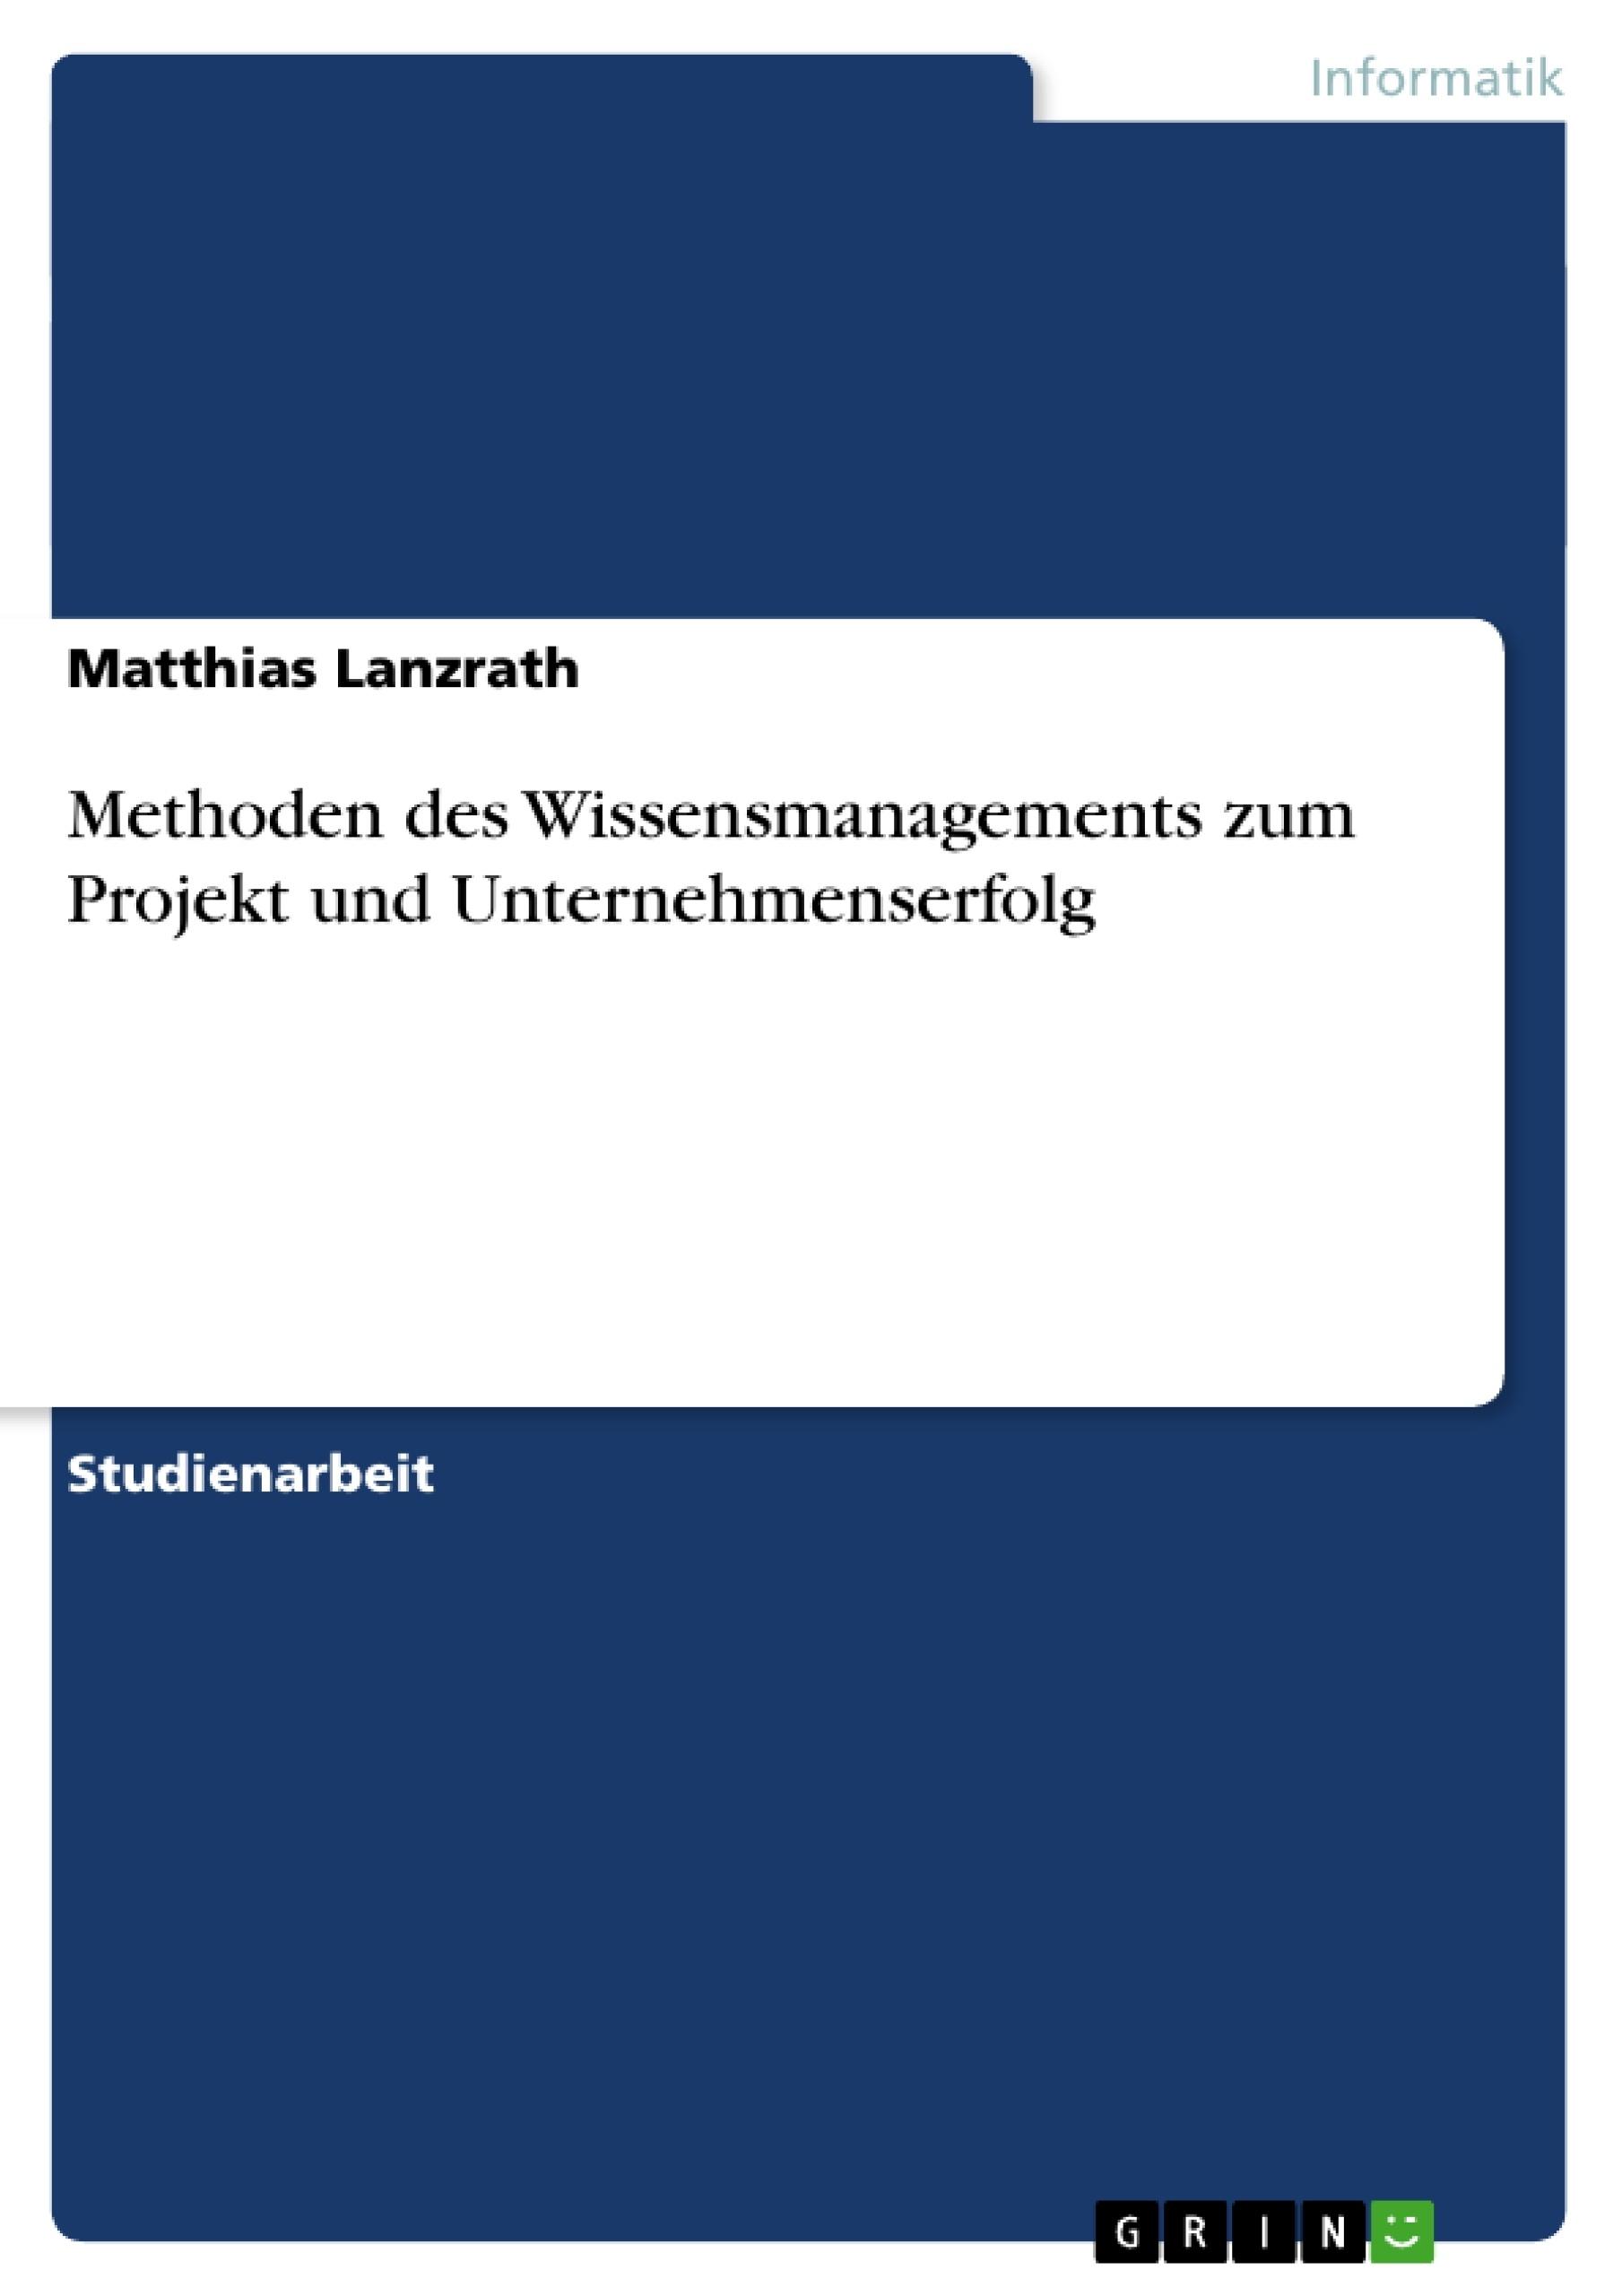 Titel: Methoden des Wissensmanagements zum Projekt und Unternehmenserfolg